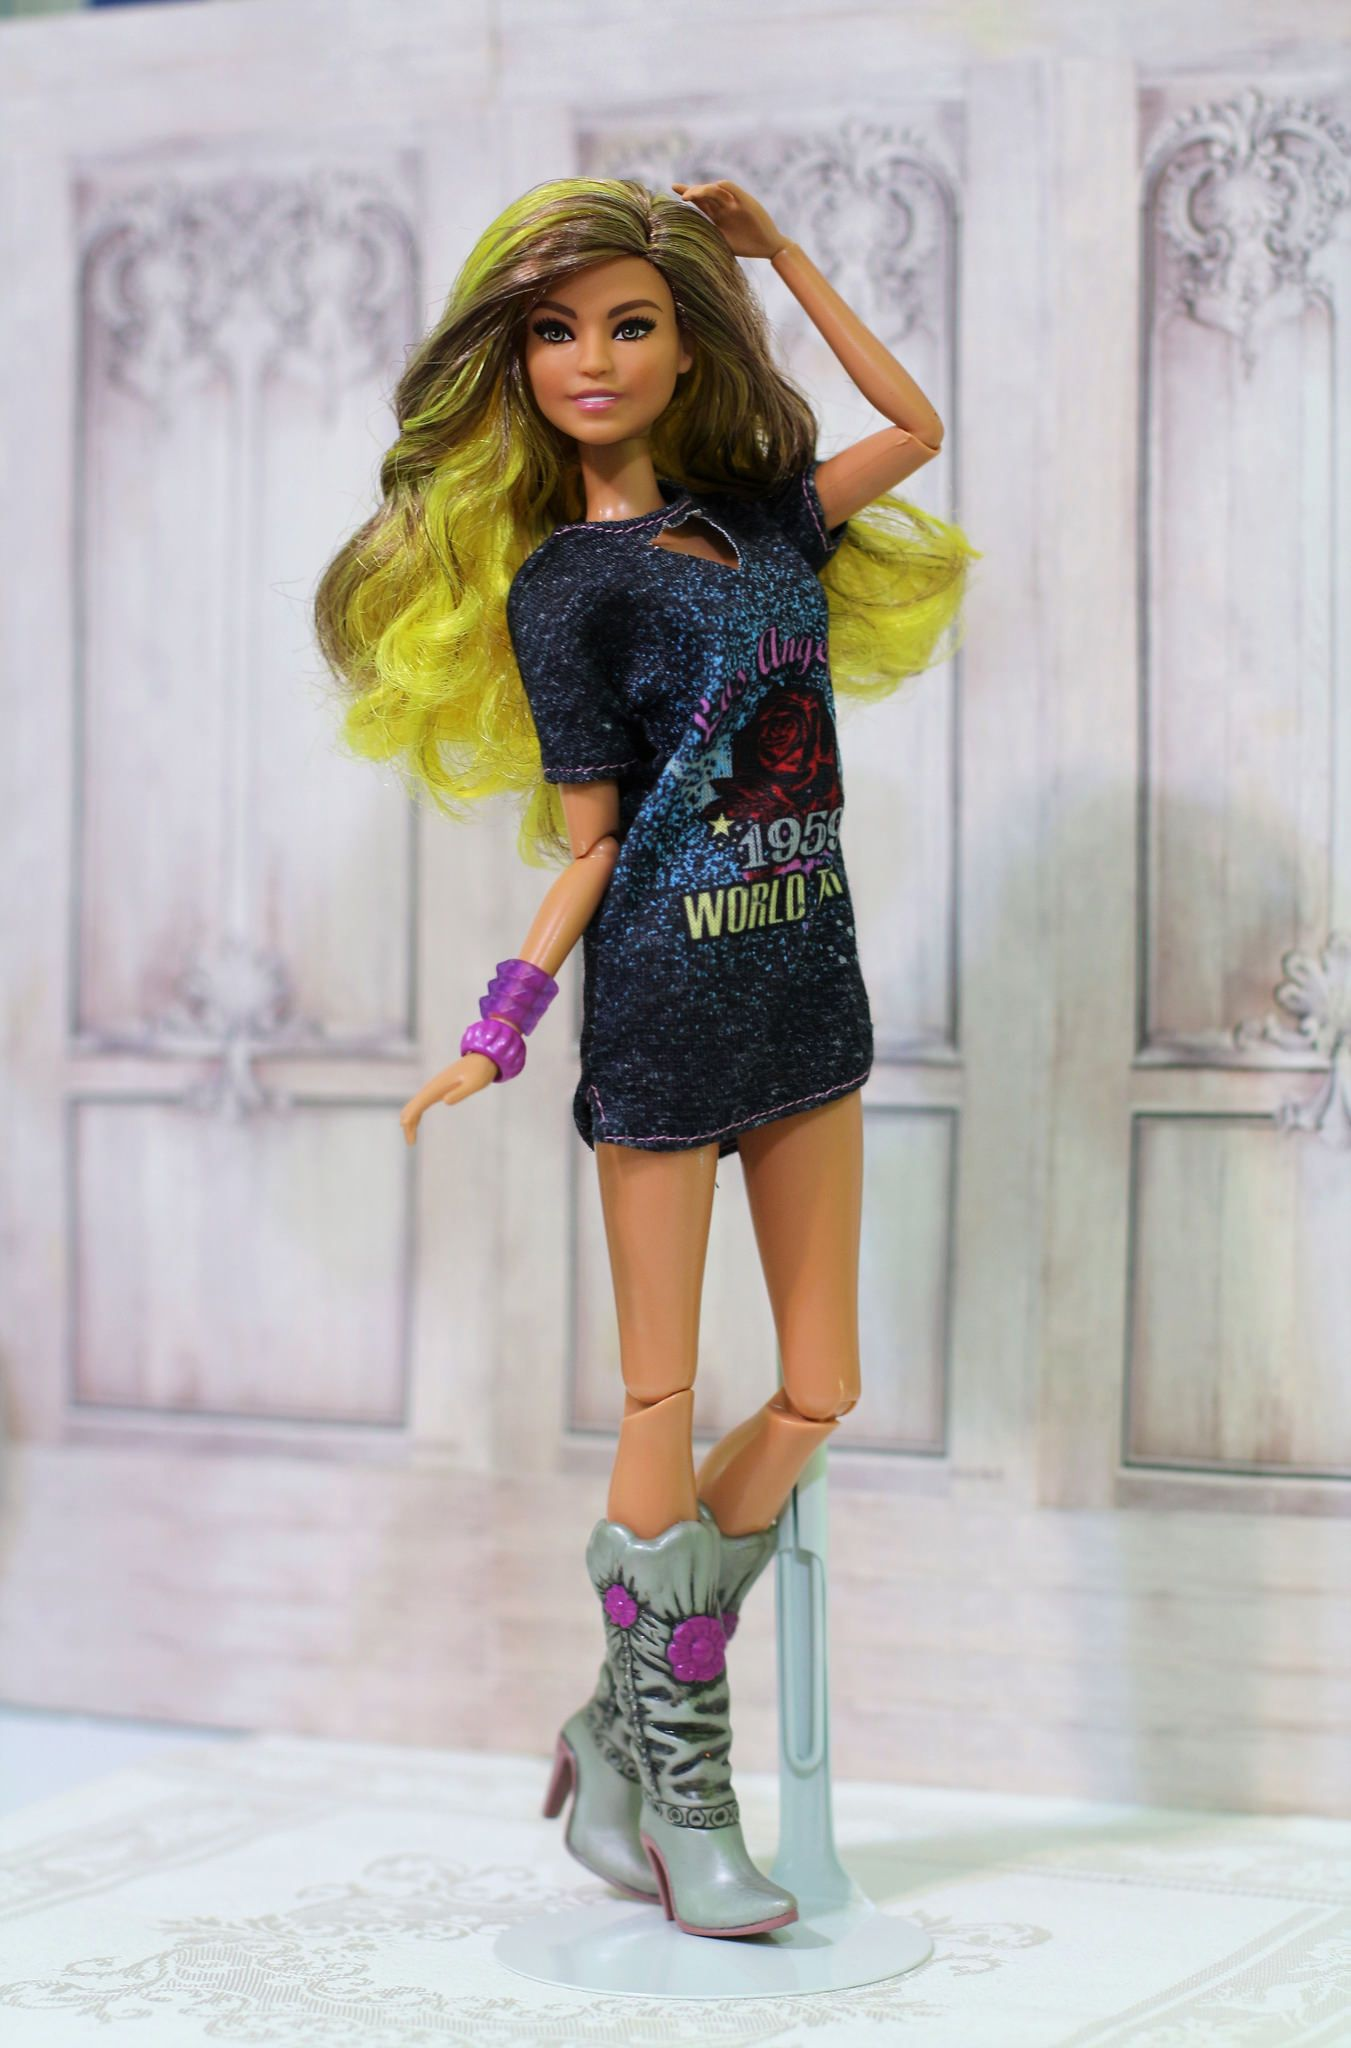 Rockstar Glam Fashionista Barbie Fashionista Dolls Barbie Fashionista Barbie Clothes